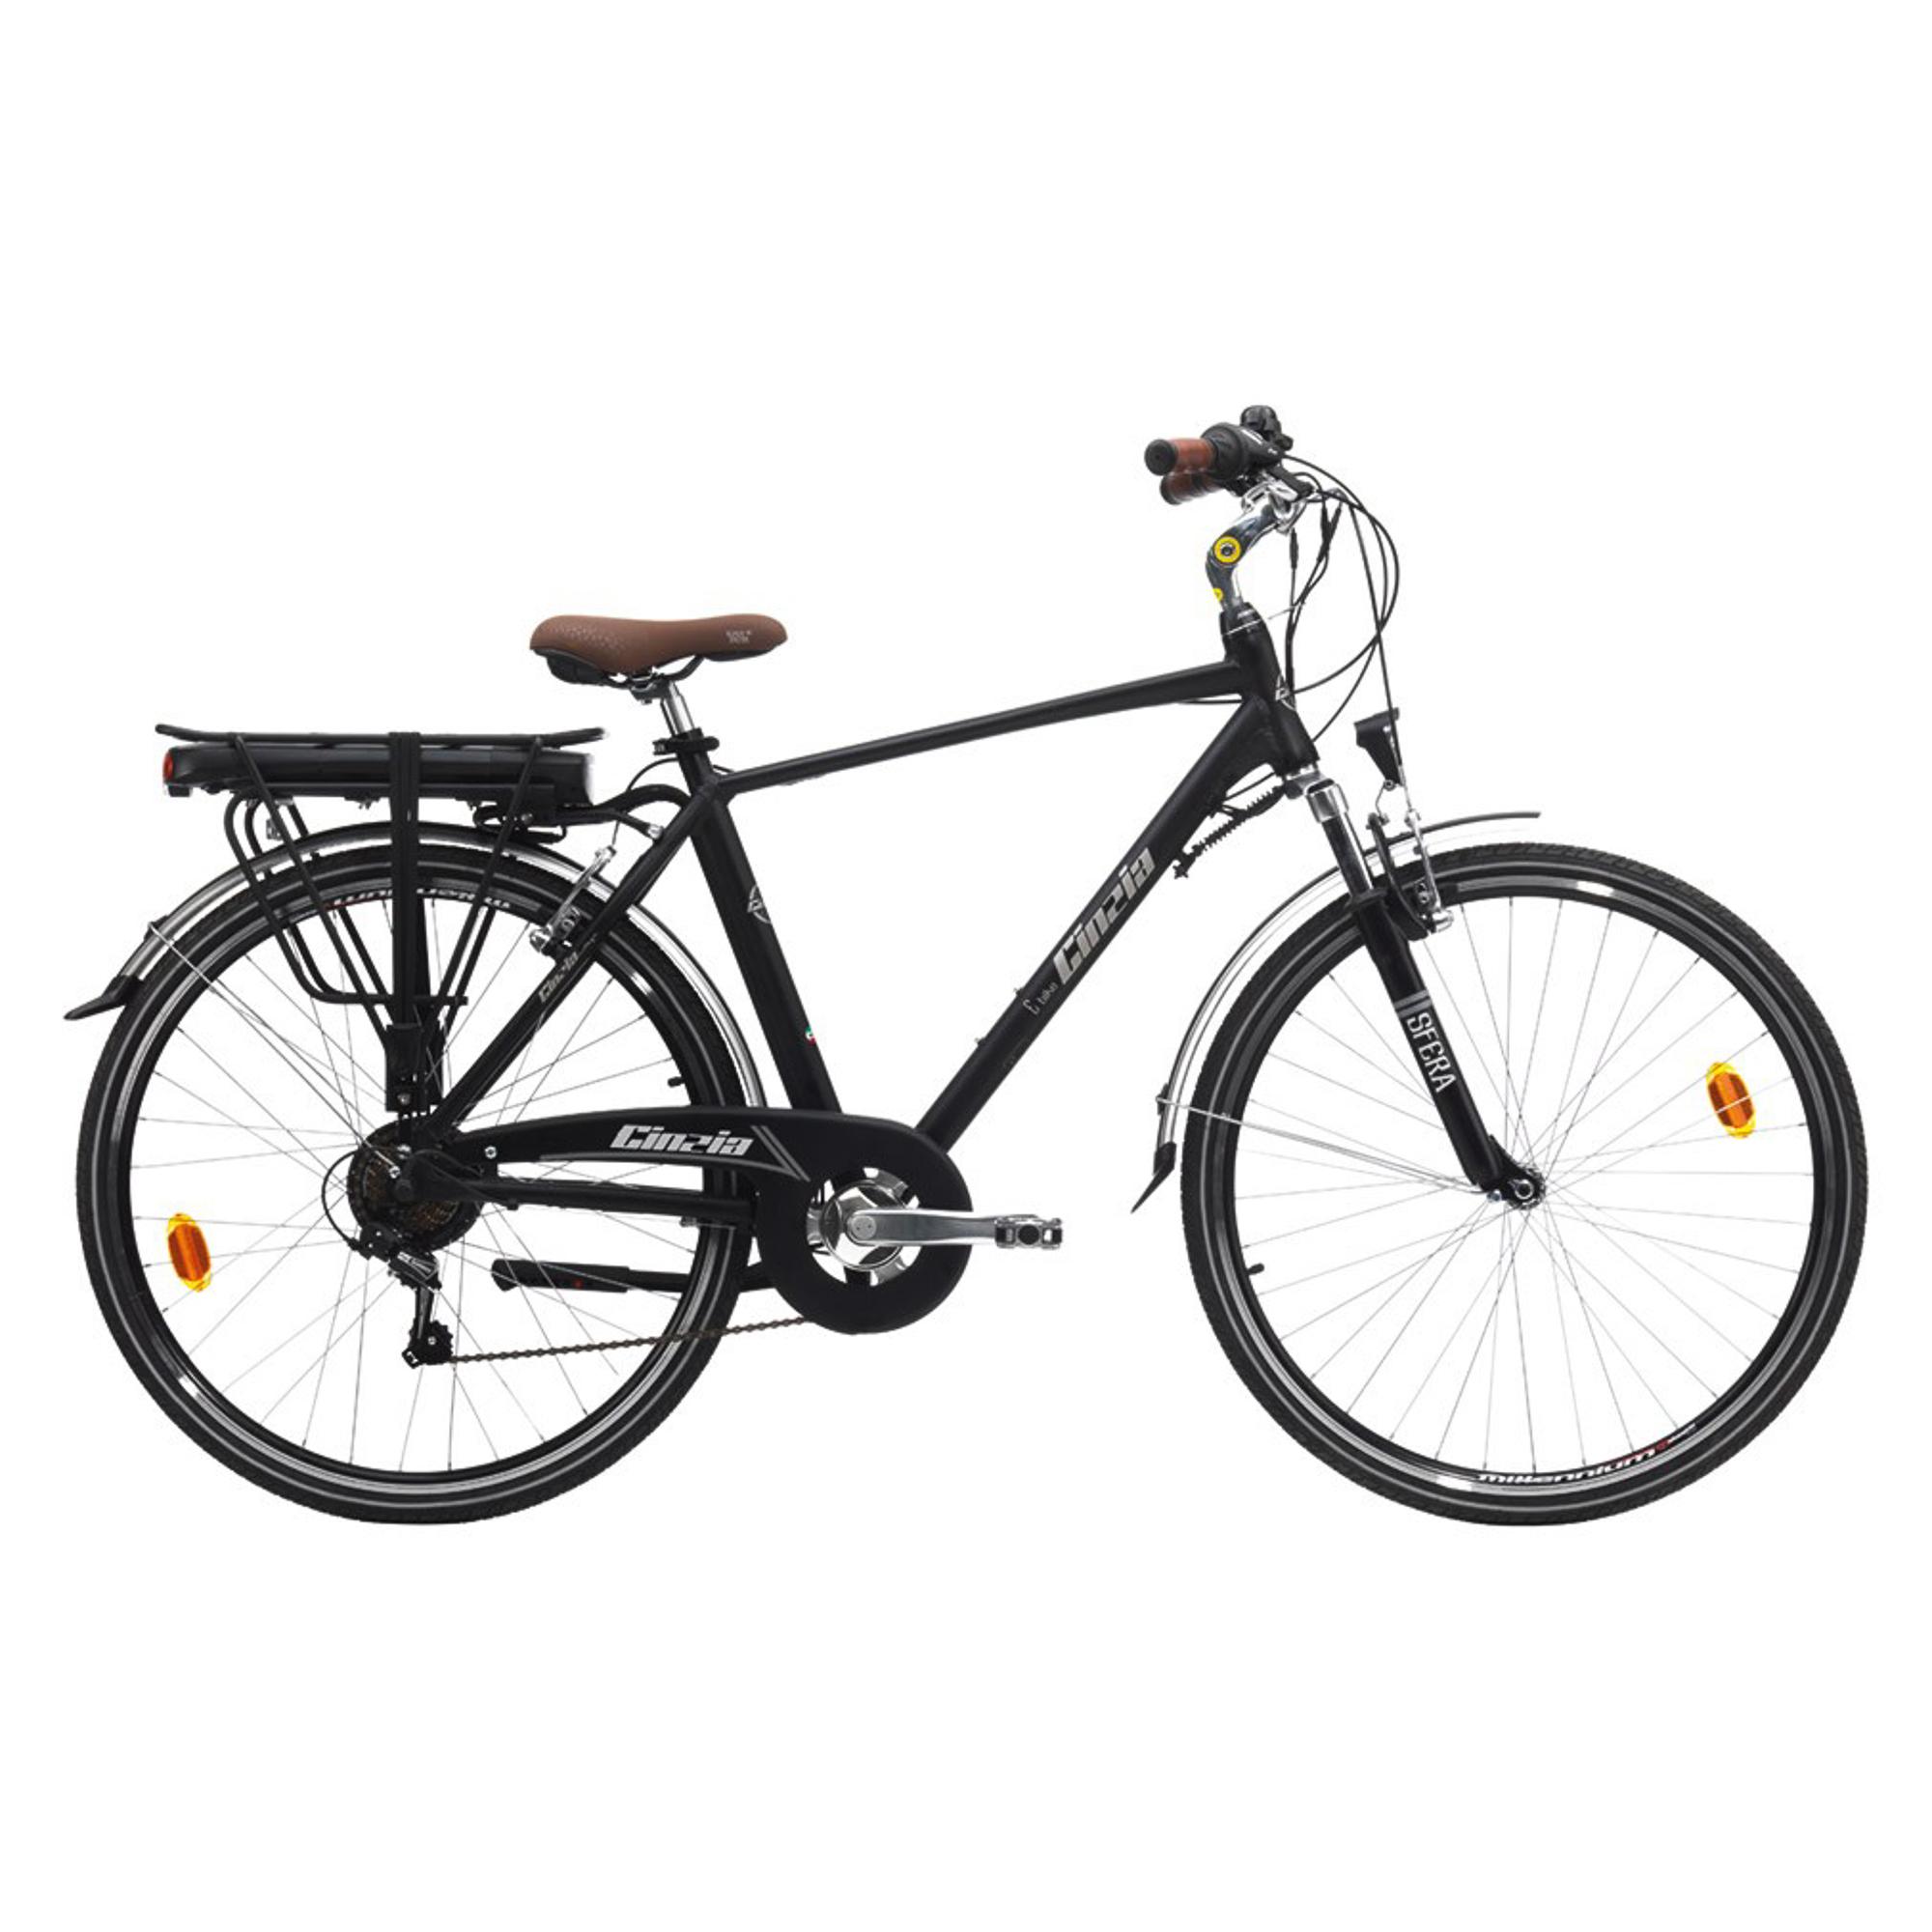 Купить Электровелосипед мужской CICLI CINZIA MAN 28 дюймов 7 скоростей, электровелосипед, Италия, алюминиевый сплав